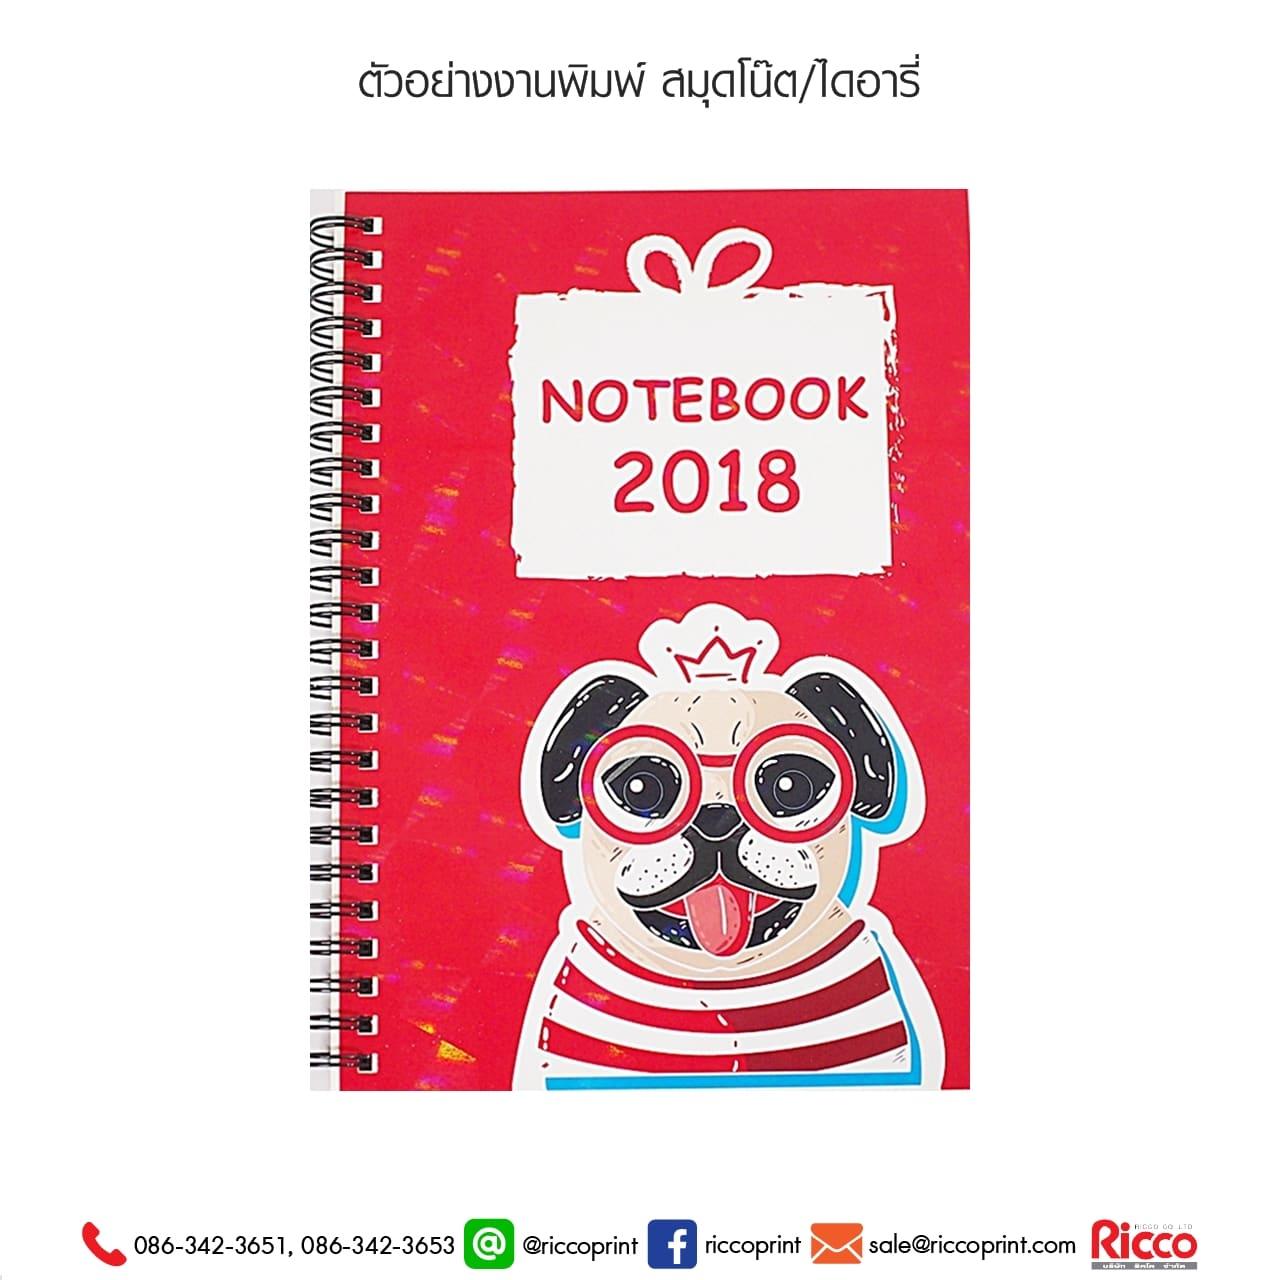 รูป Notebook Diary 11 - ประกอบเนื้อหา สมุดโน้ต ไดอารี่